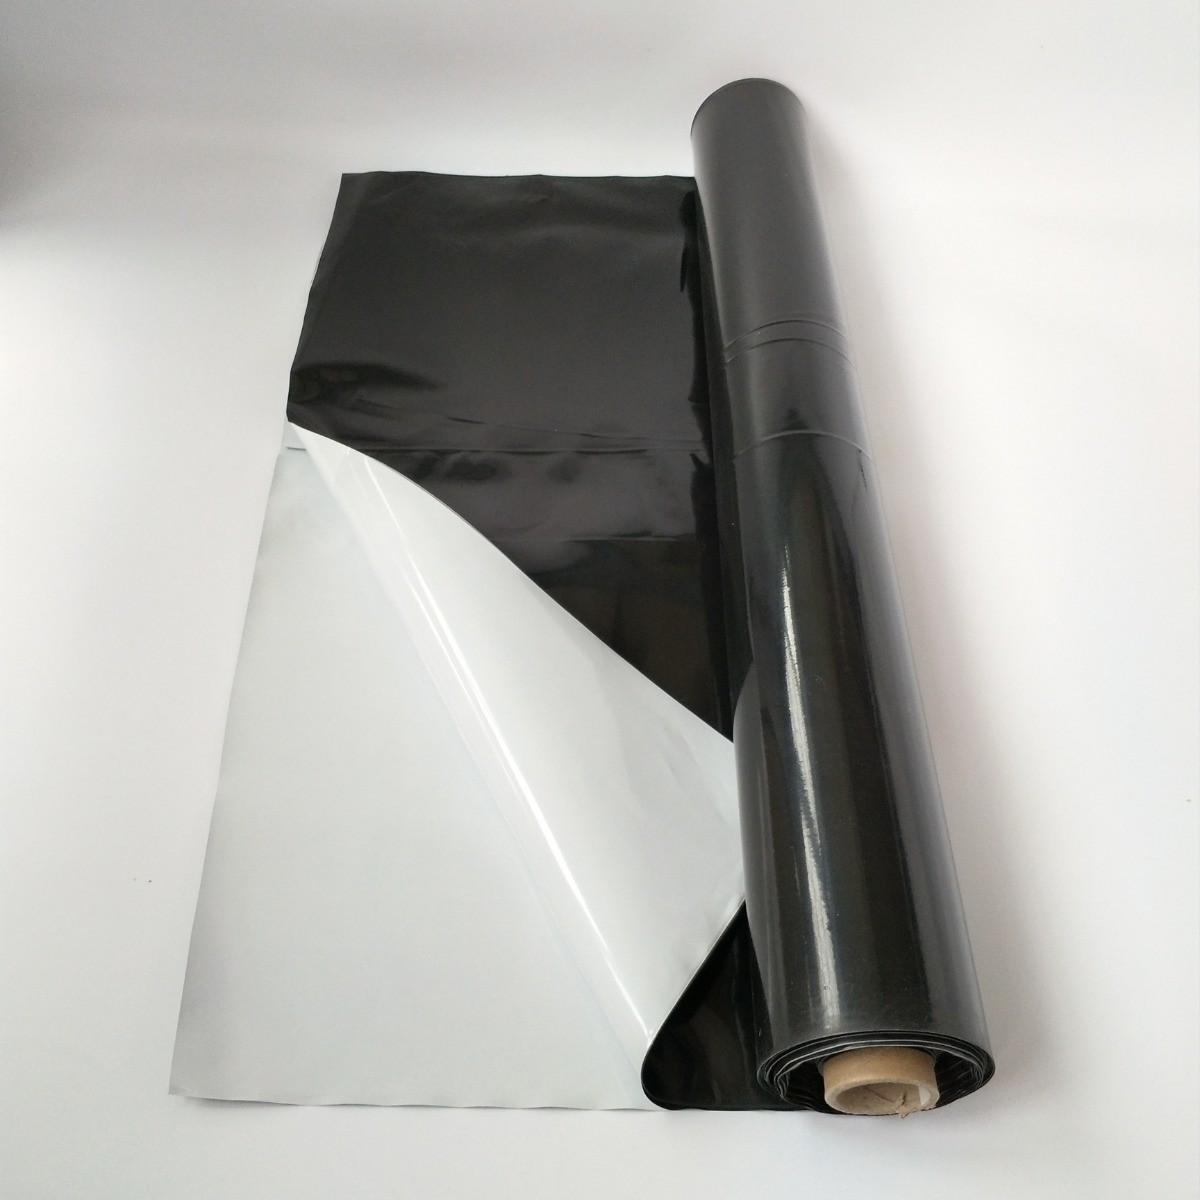 Lona Silagem Nortene Branca/Preta 72kg - 6x54m